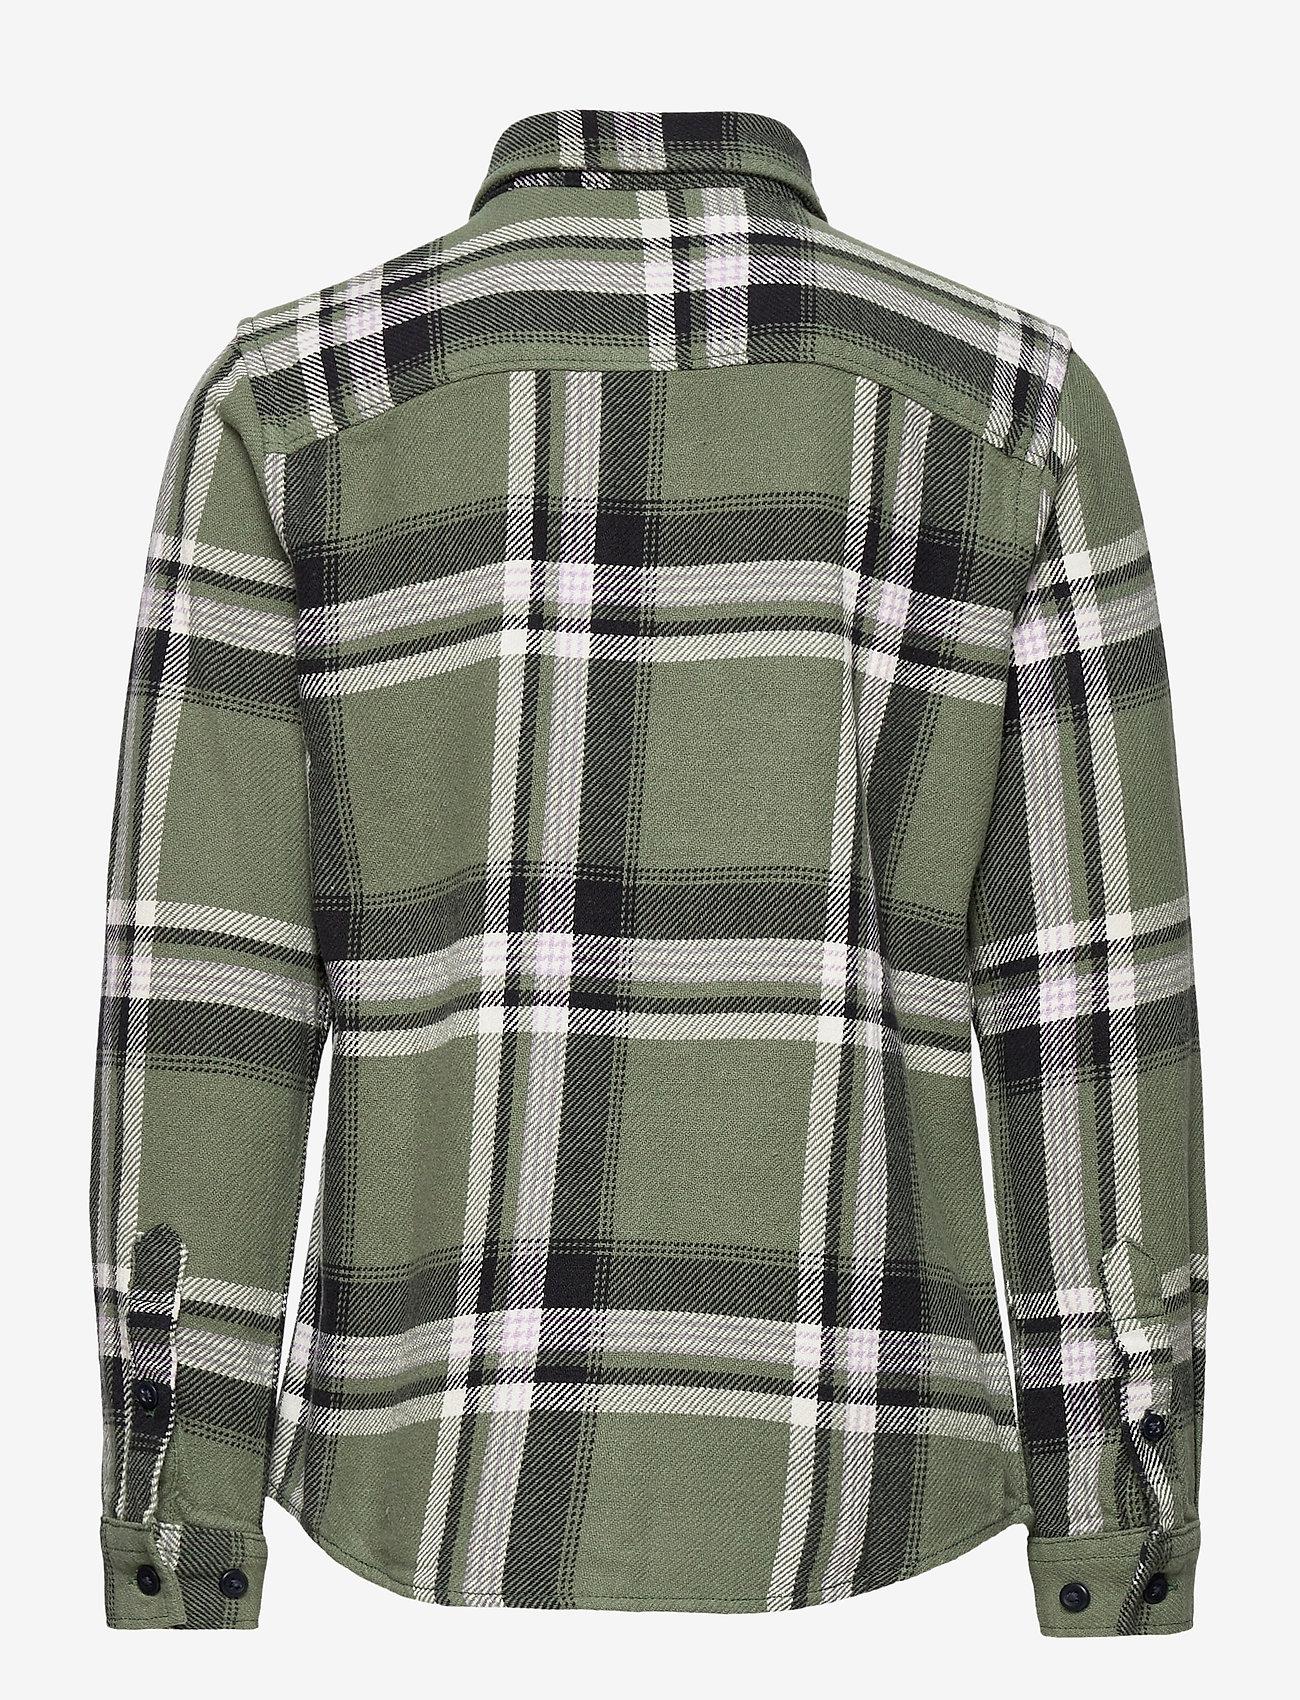 Jack & Jones - JORFINDER SHIRT LS JR - shirts - sea spray - 1